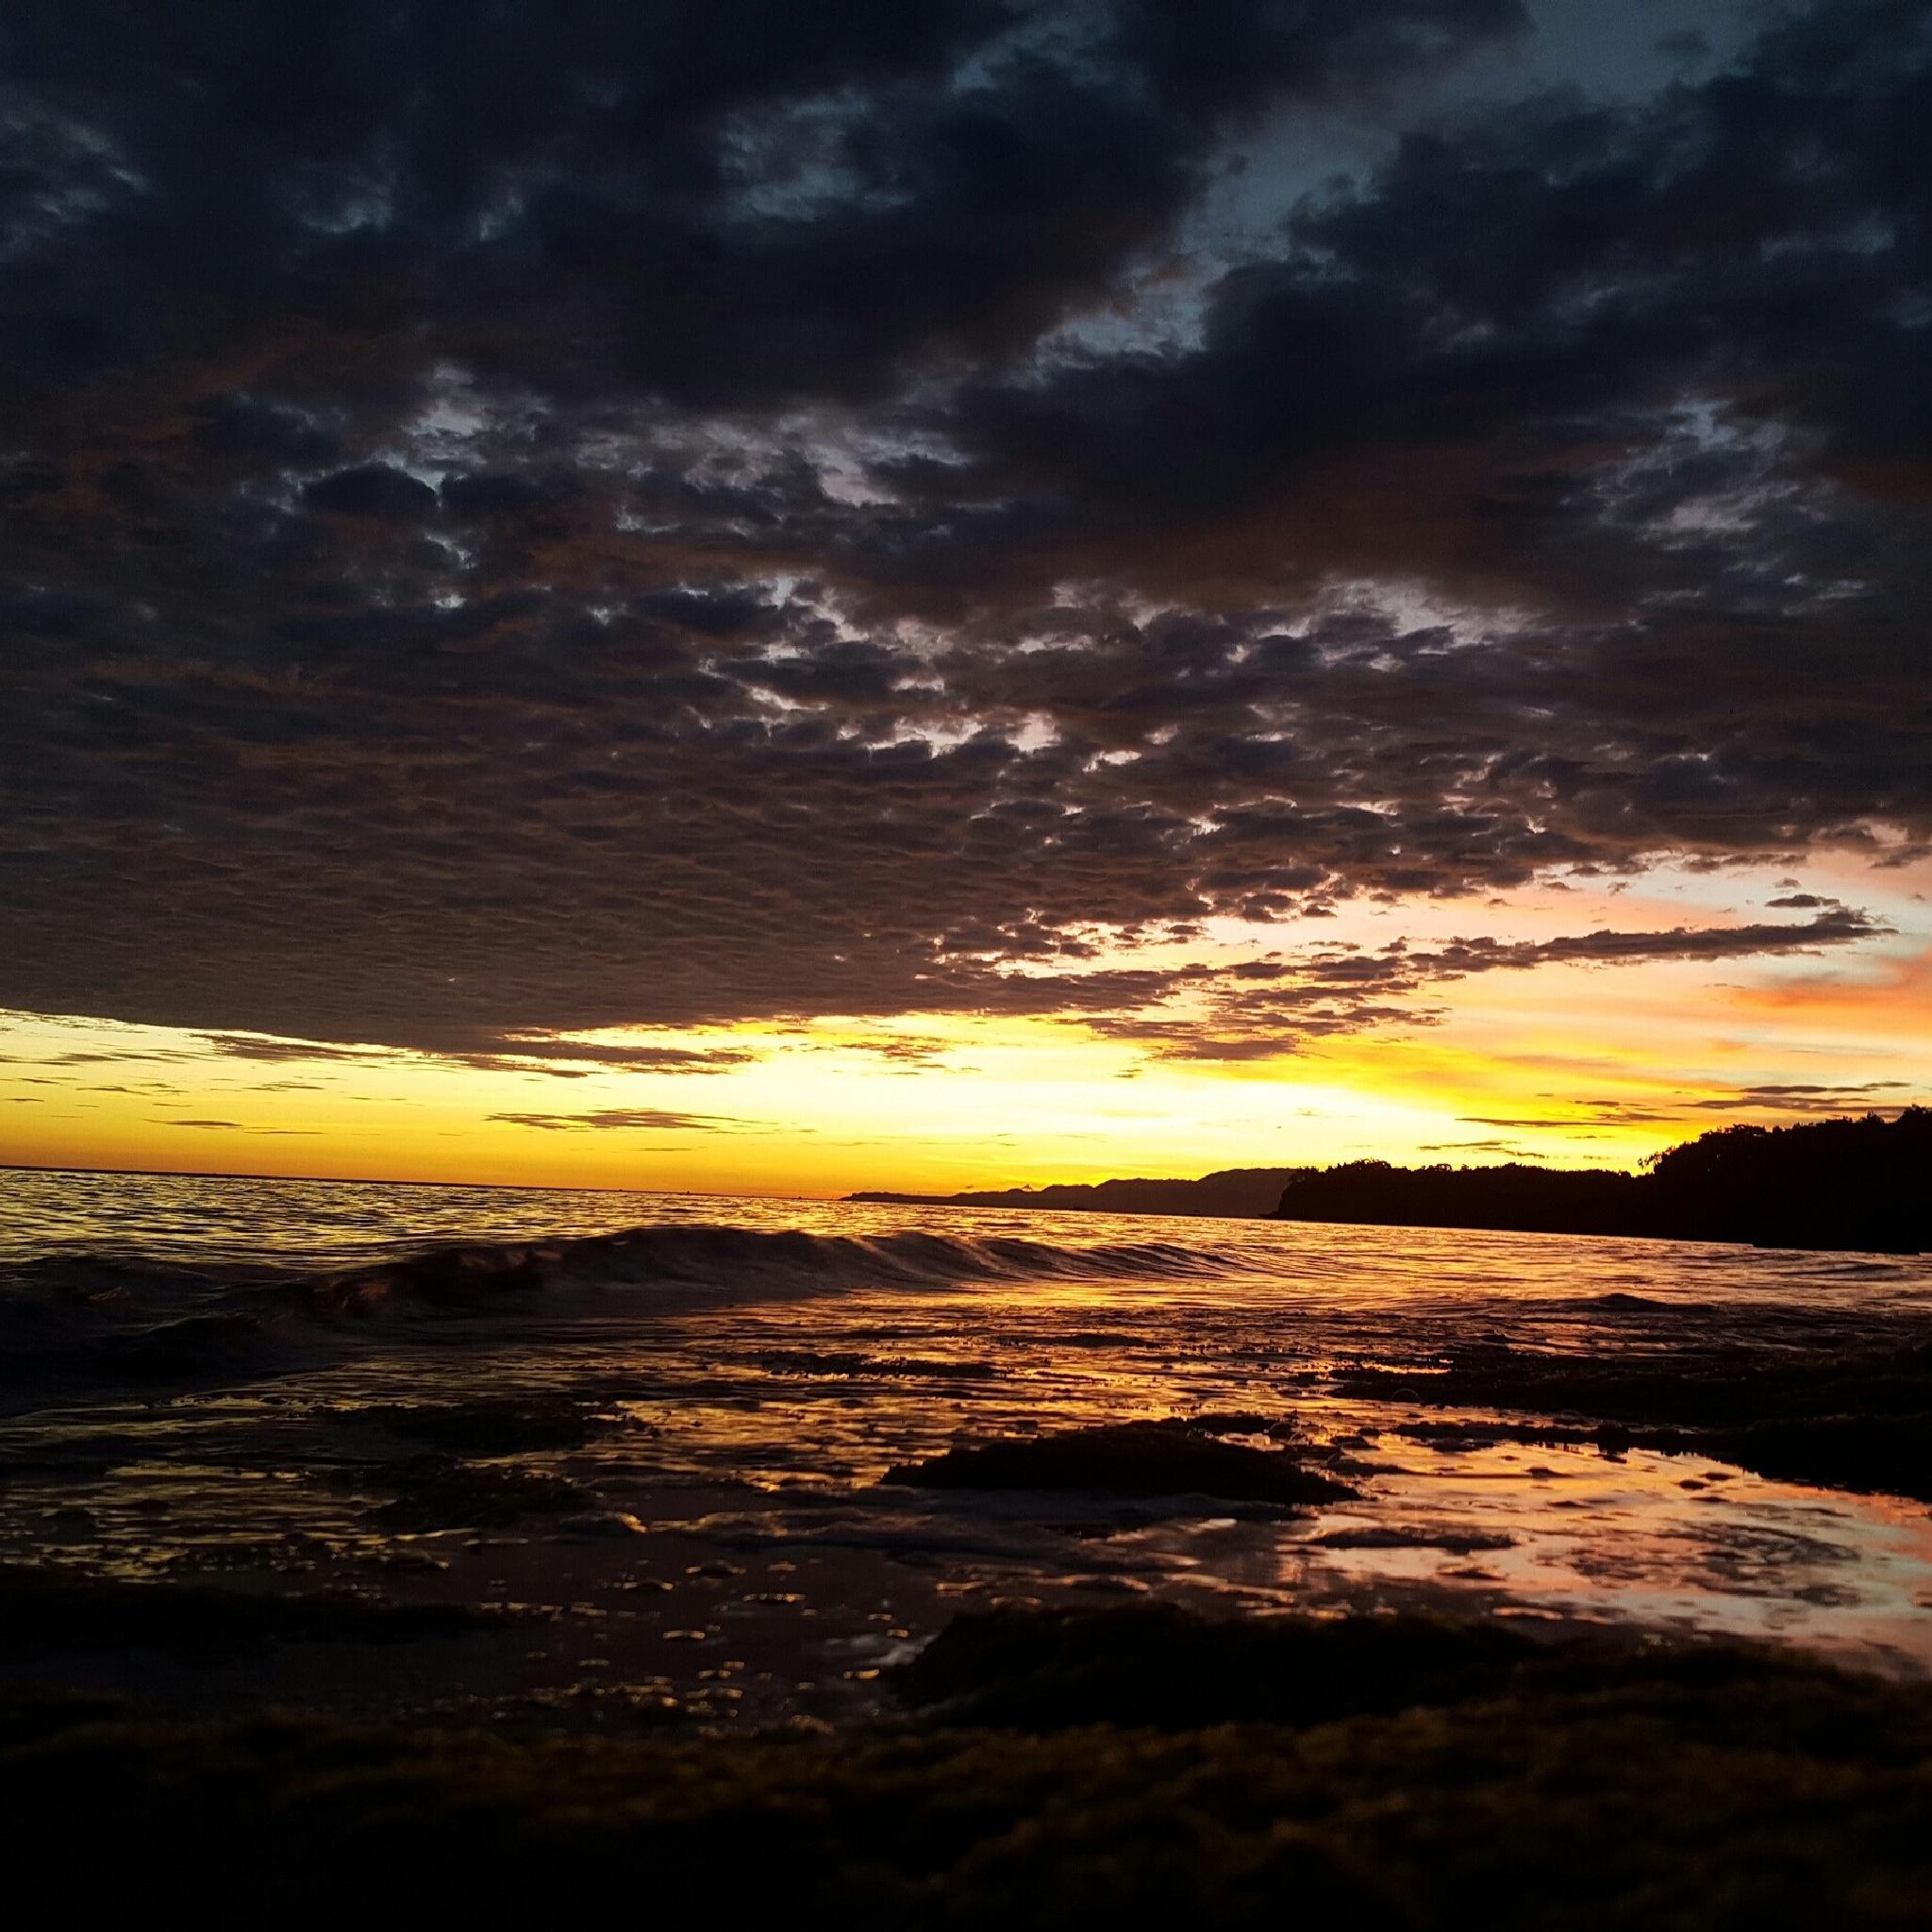 Phillipine Sunset by Robin Dekker